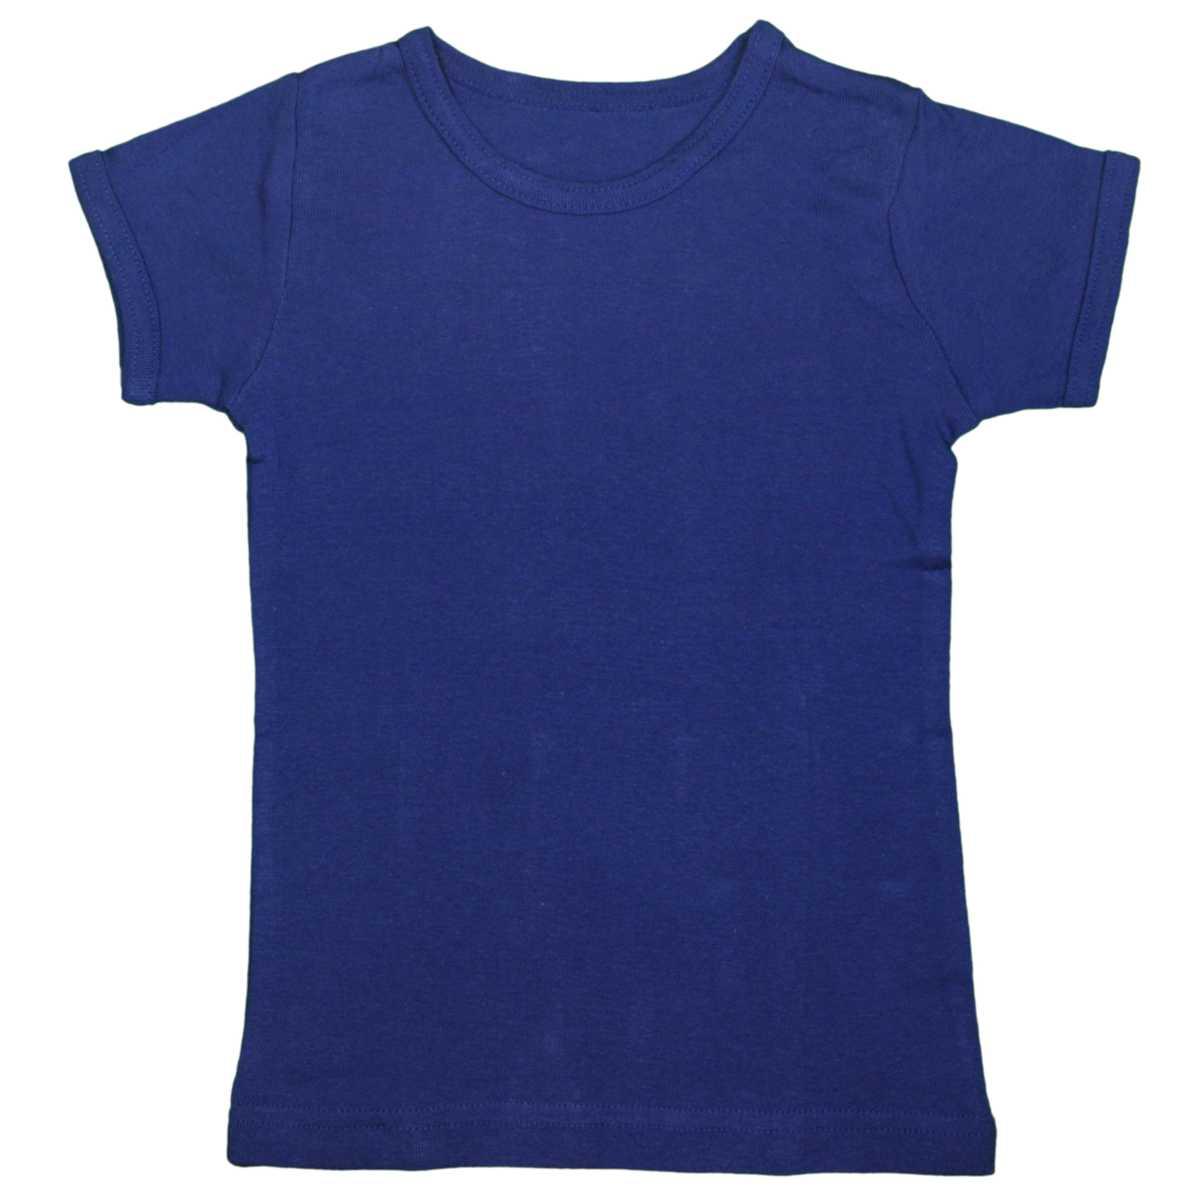 男女兼用 ベビー フライス肌着 綿100% 無地 半袖肌着シャツ おなまえネームつき 男の子 女の子 (ブルー 80cm 90cm 95cm) ボーイズ ベビー 下着 全5色